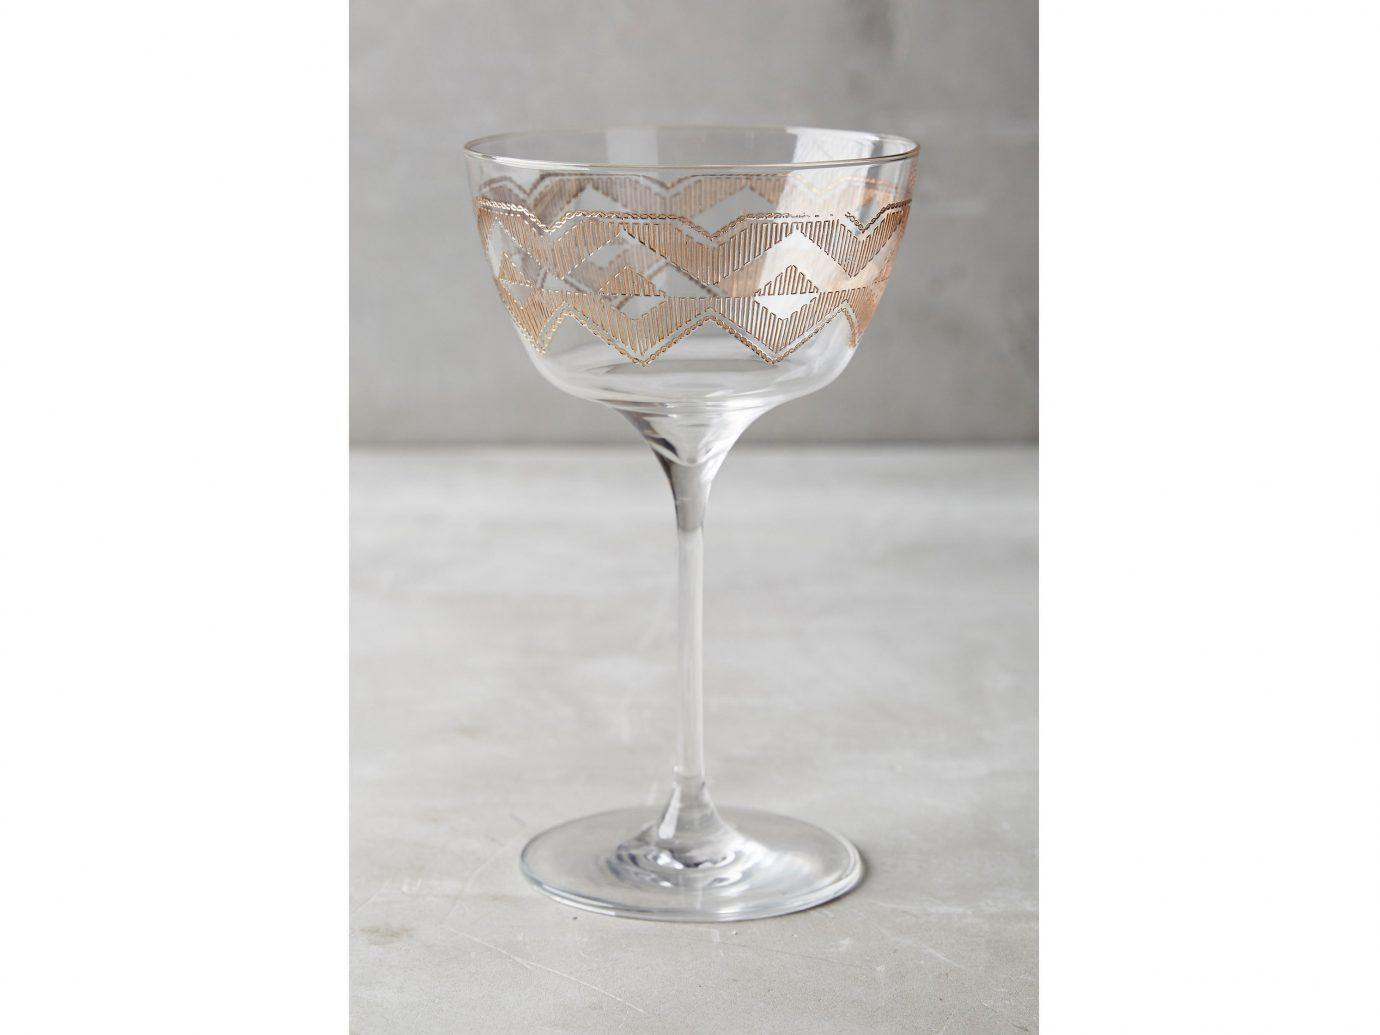 Style + Design container stemware wine glass champagne stemware martini glass drinkware glass tableware material champagne chalice